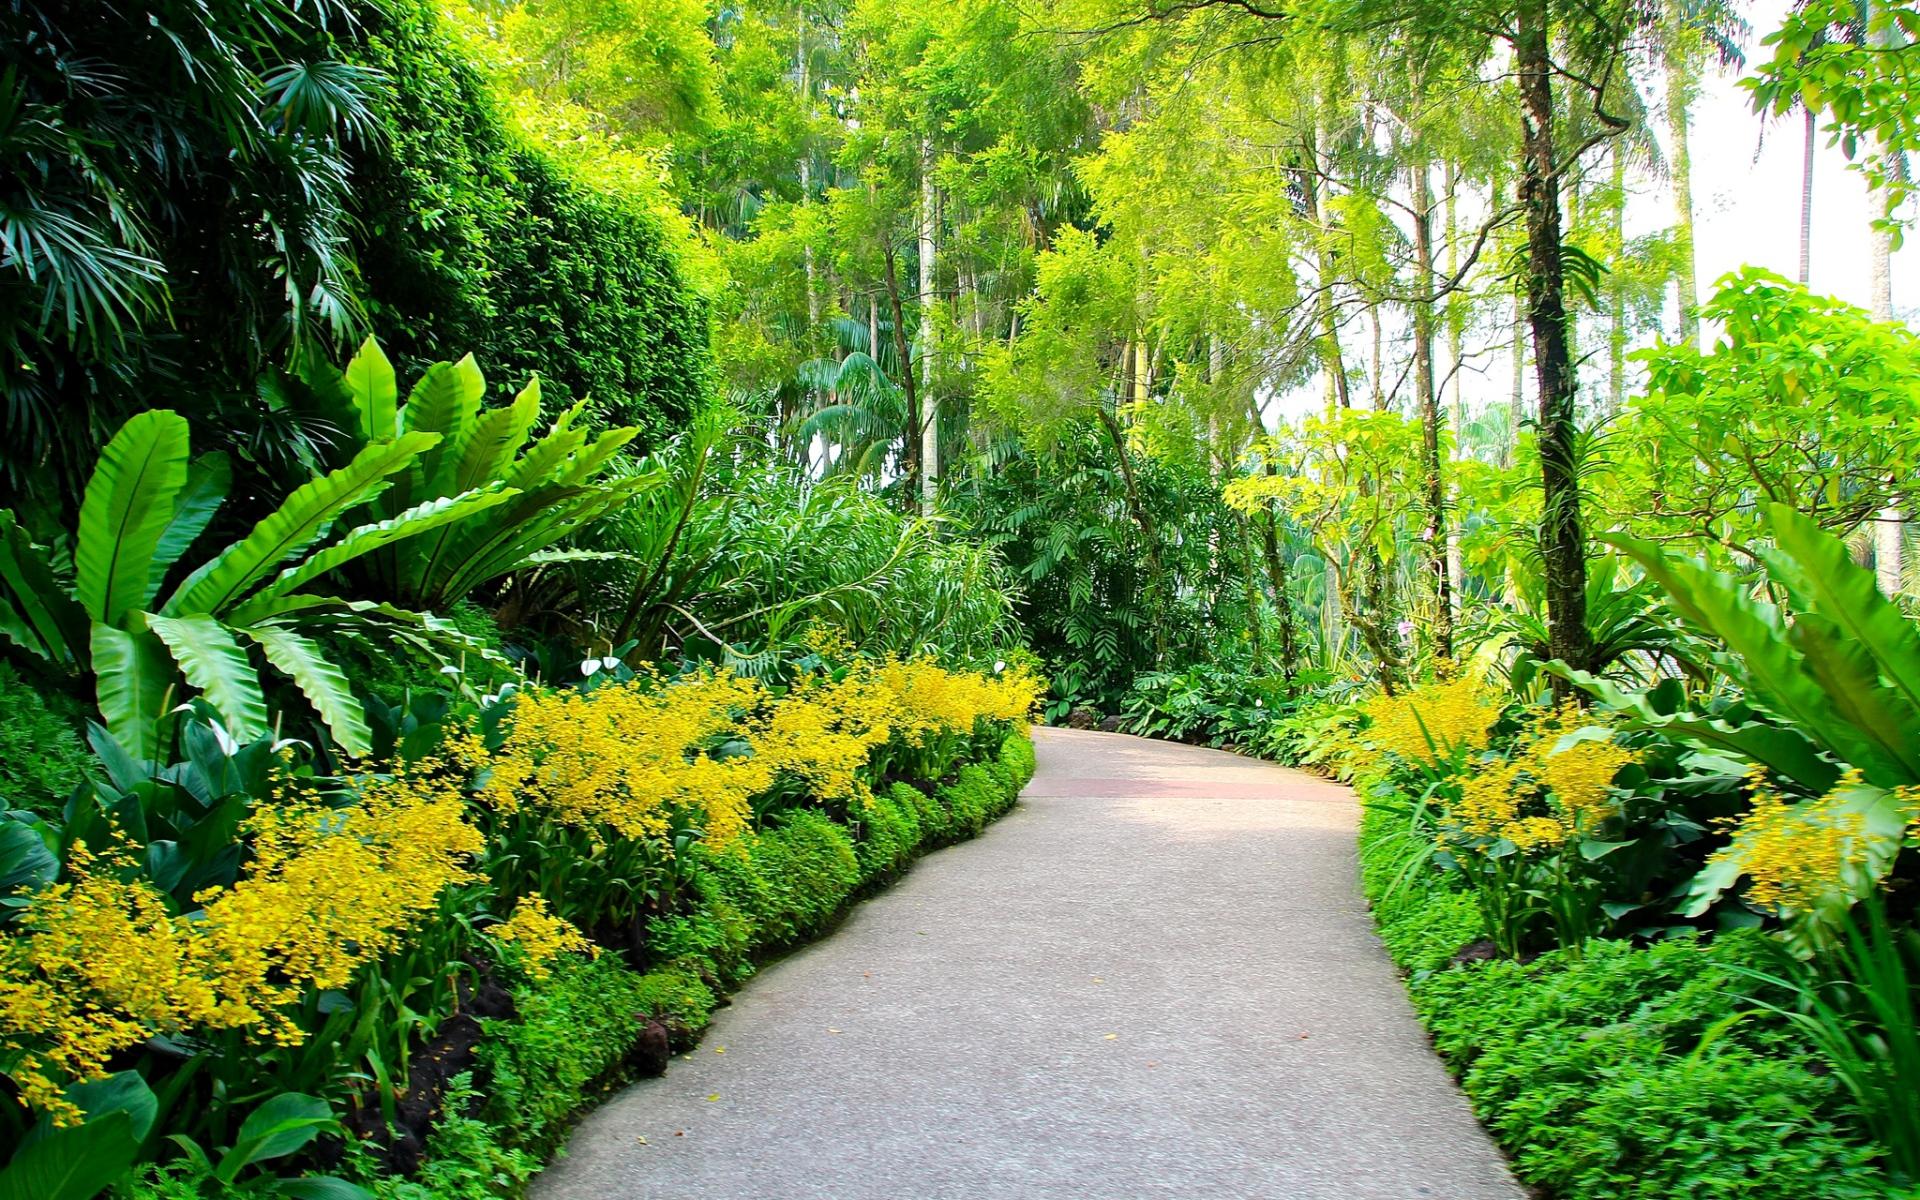 Картинки Сингапур, ботанические сады, пешеходные дорожки, деревья фото и обои на рабочий стол